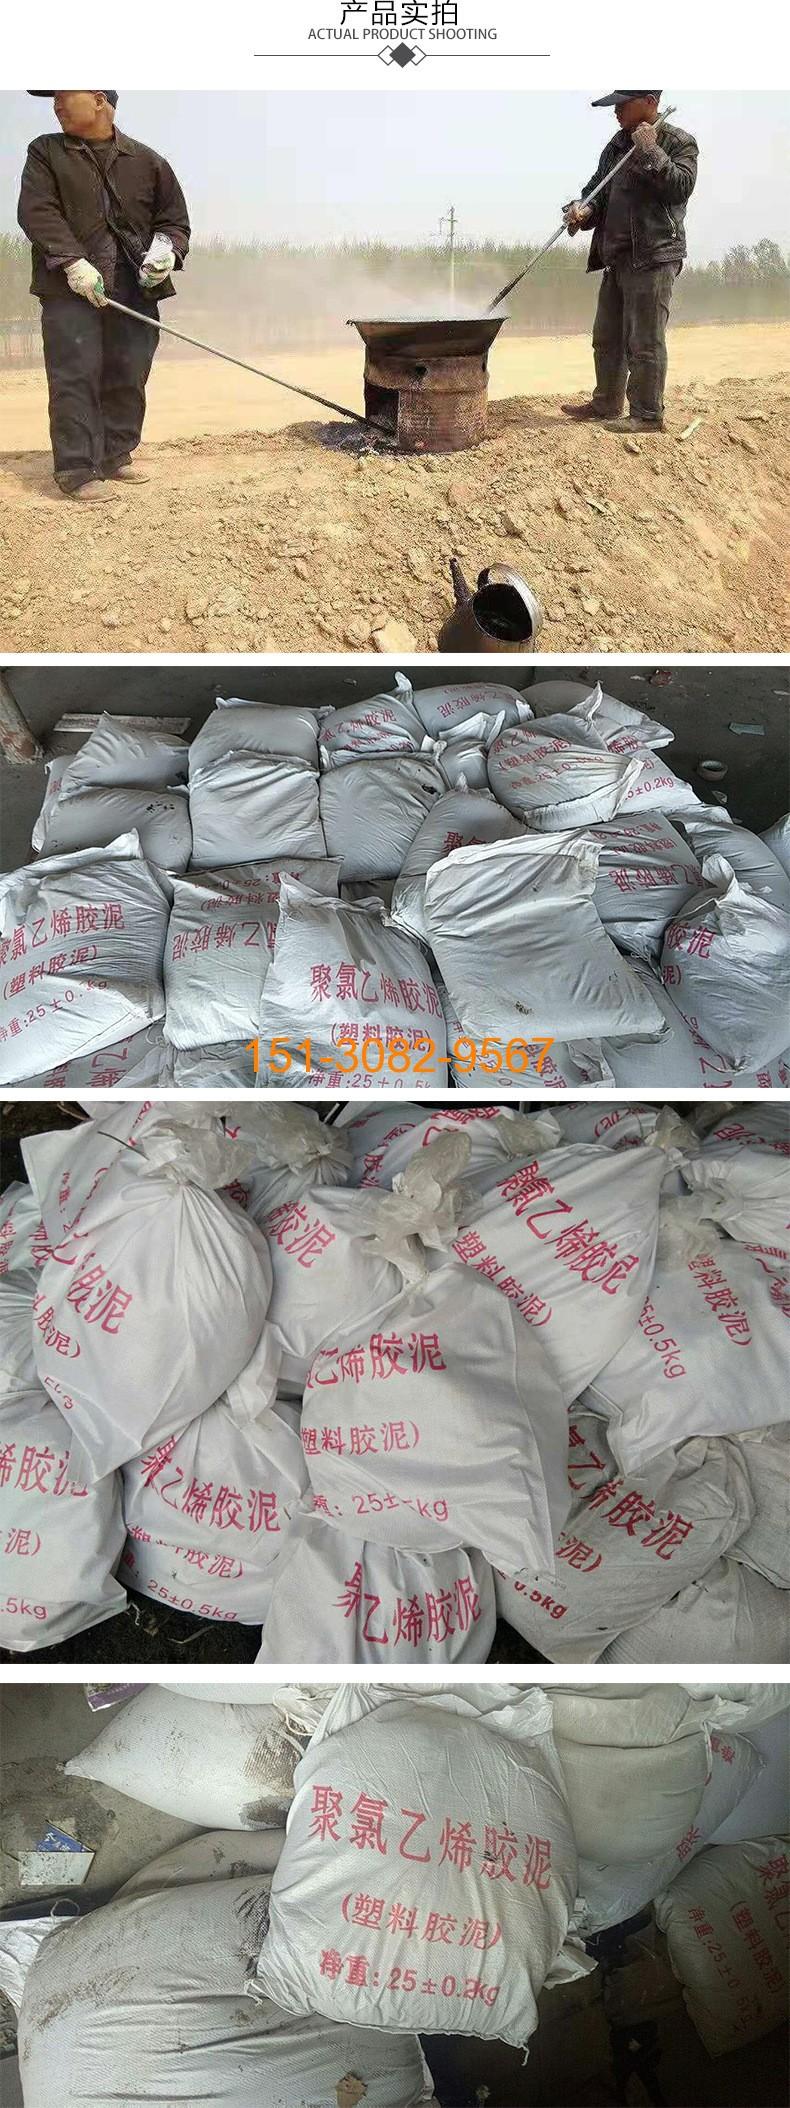 塑料胶泥 PVC胶泥 塑料油膏 防水油膏 嵌缝胶泥 科运橡塑国标正品4